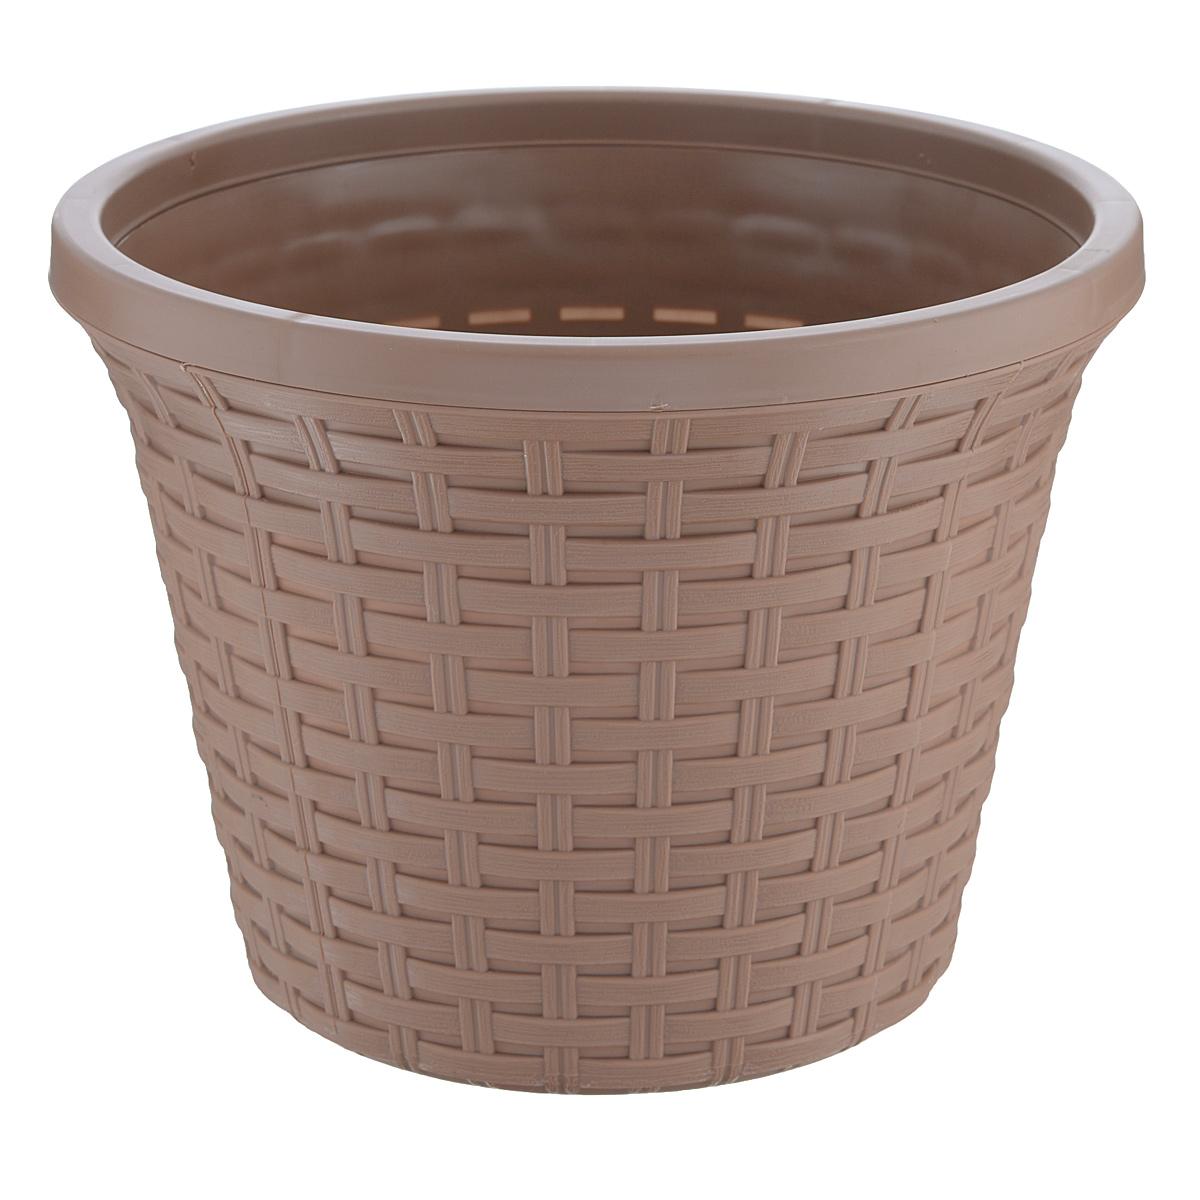 Кашпо Violet Ротанг, с дренажной системой, цвет: какао, 6,5 л32650/17Кашпо Violet Ротанг изготовлено из высококачественного пластика и оснащено дренажной системой для быстрого отведения избытка воды при поливе. Изделие прекрасно подходит для выращивания растений и цветов в домашних условиях. Лаконичный дизайн впишется в интерьер любого помещения.Объем: 6,5 л.